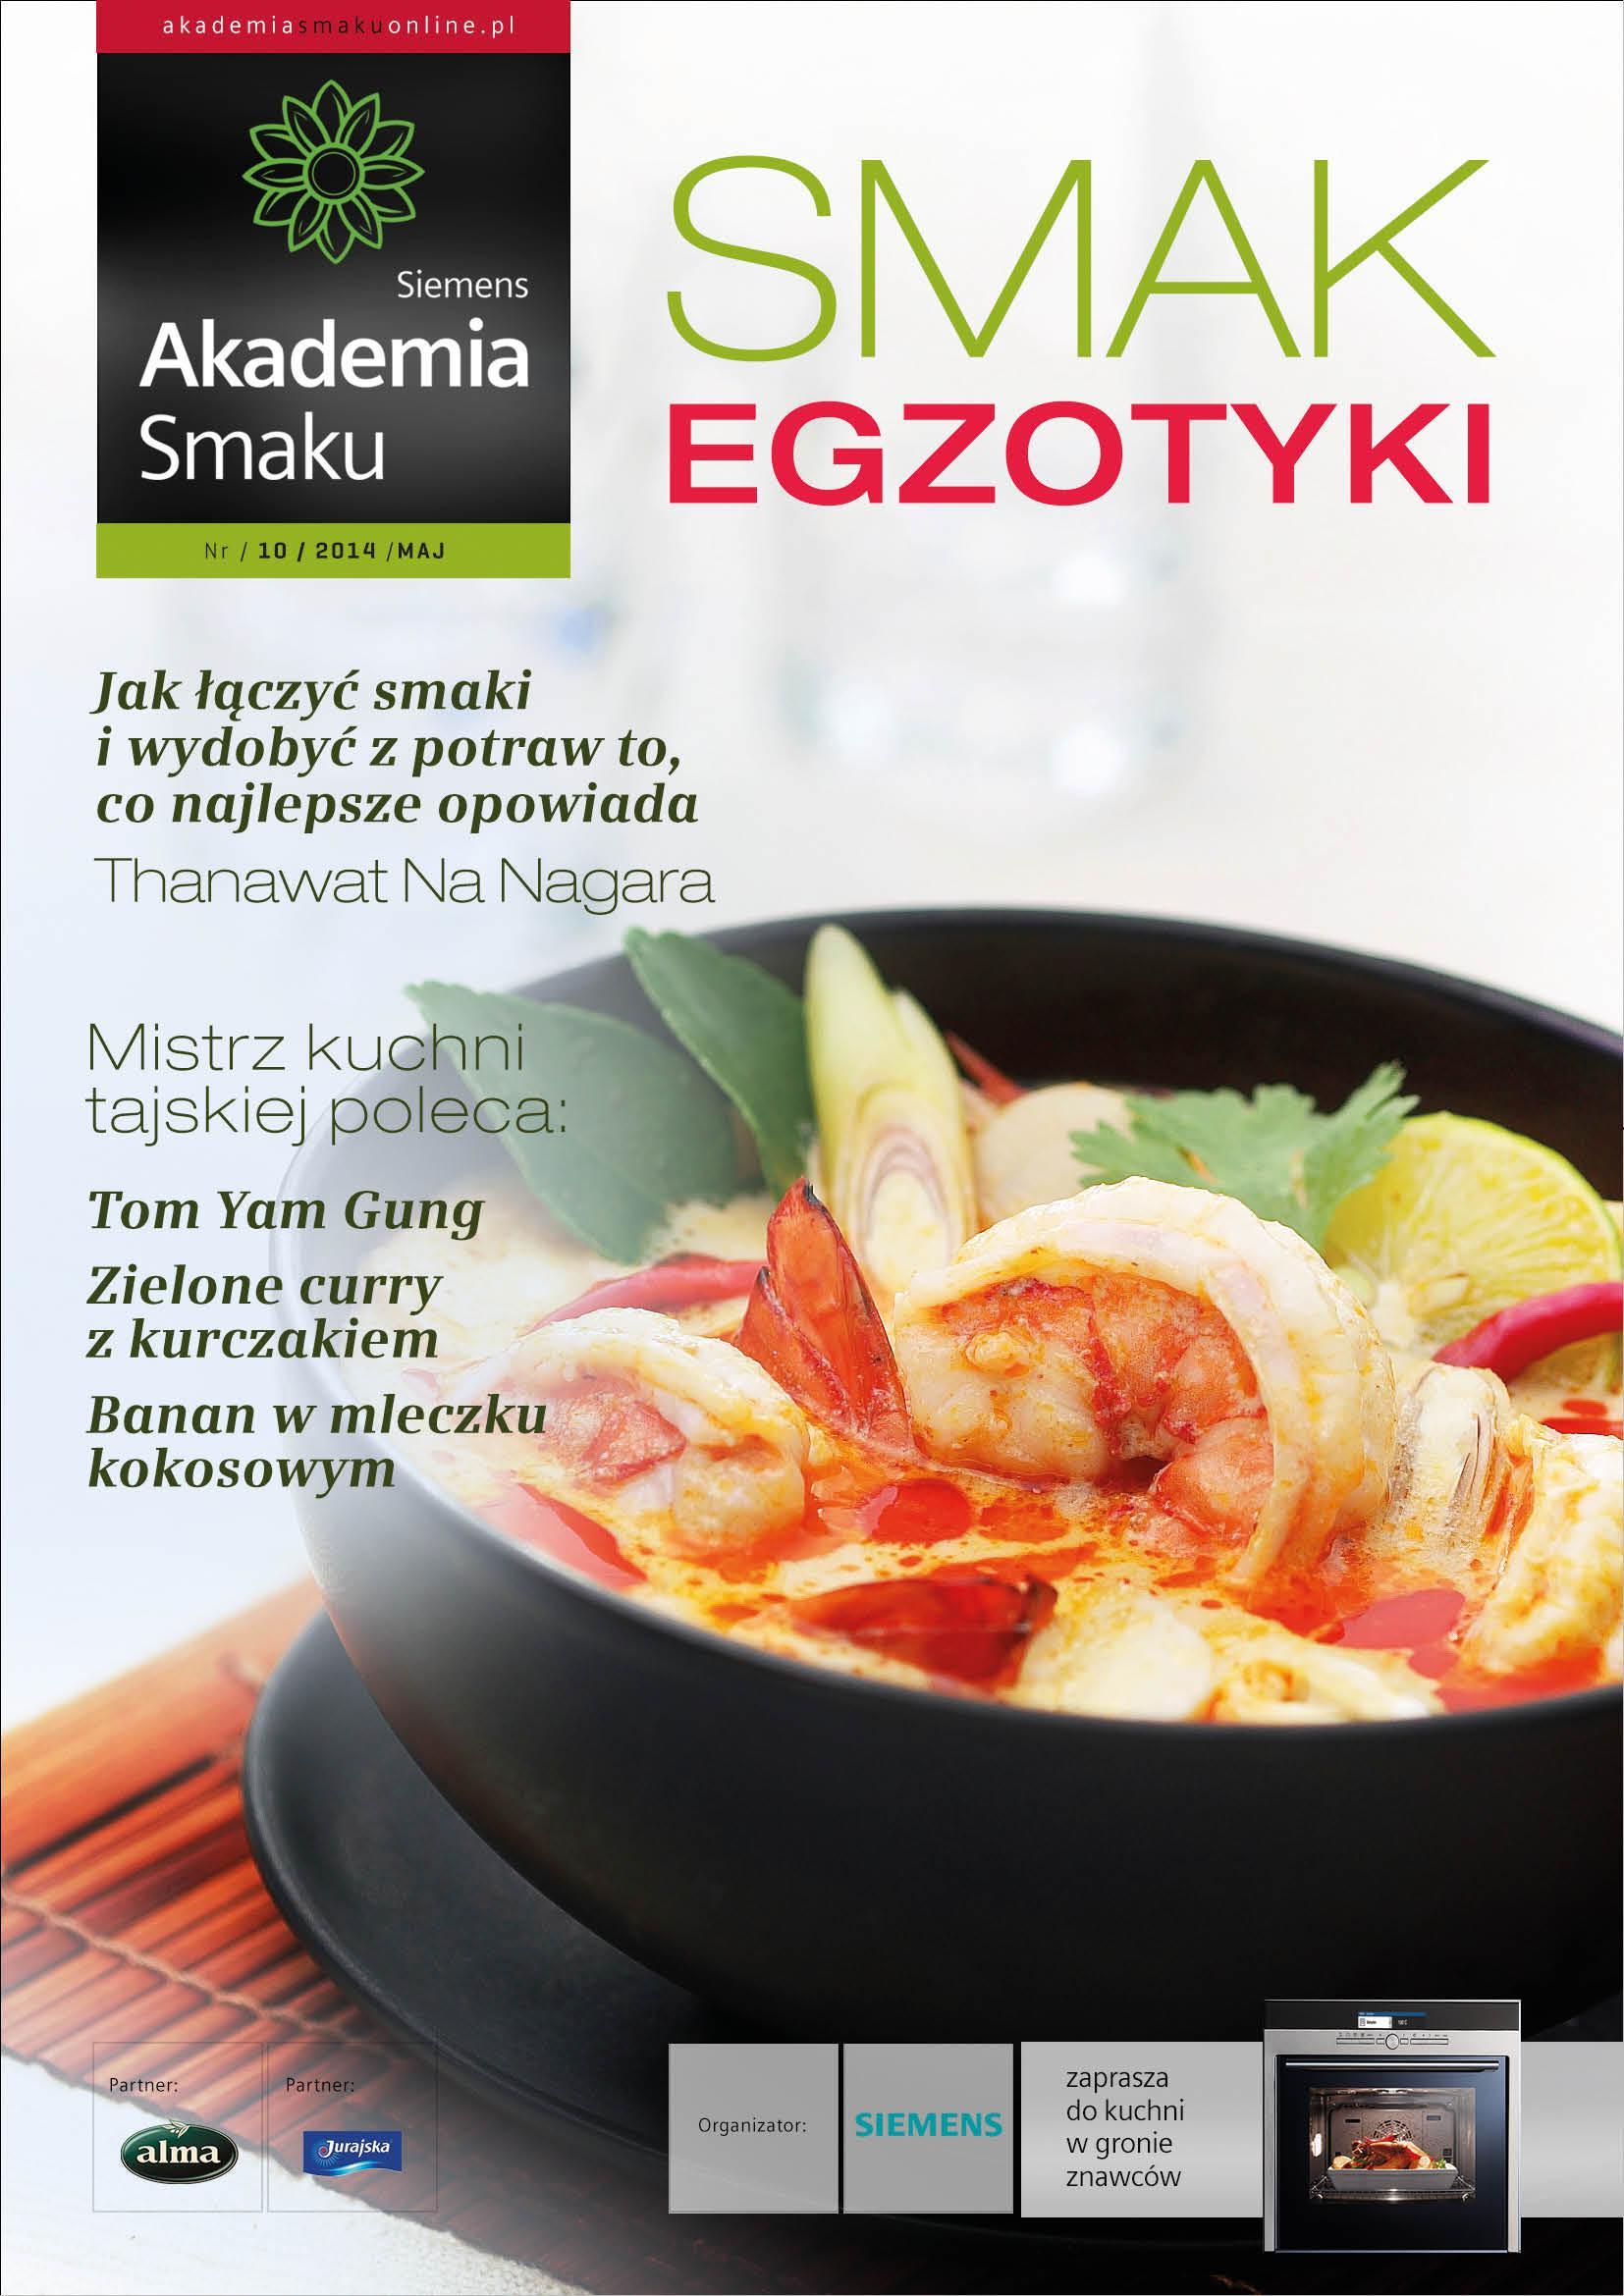 Smak egzotyki - Strona 1